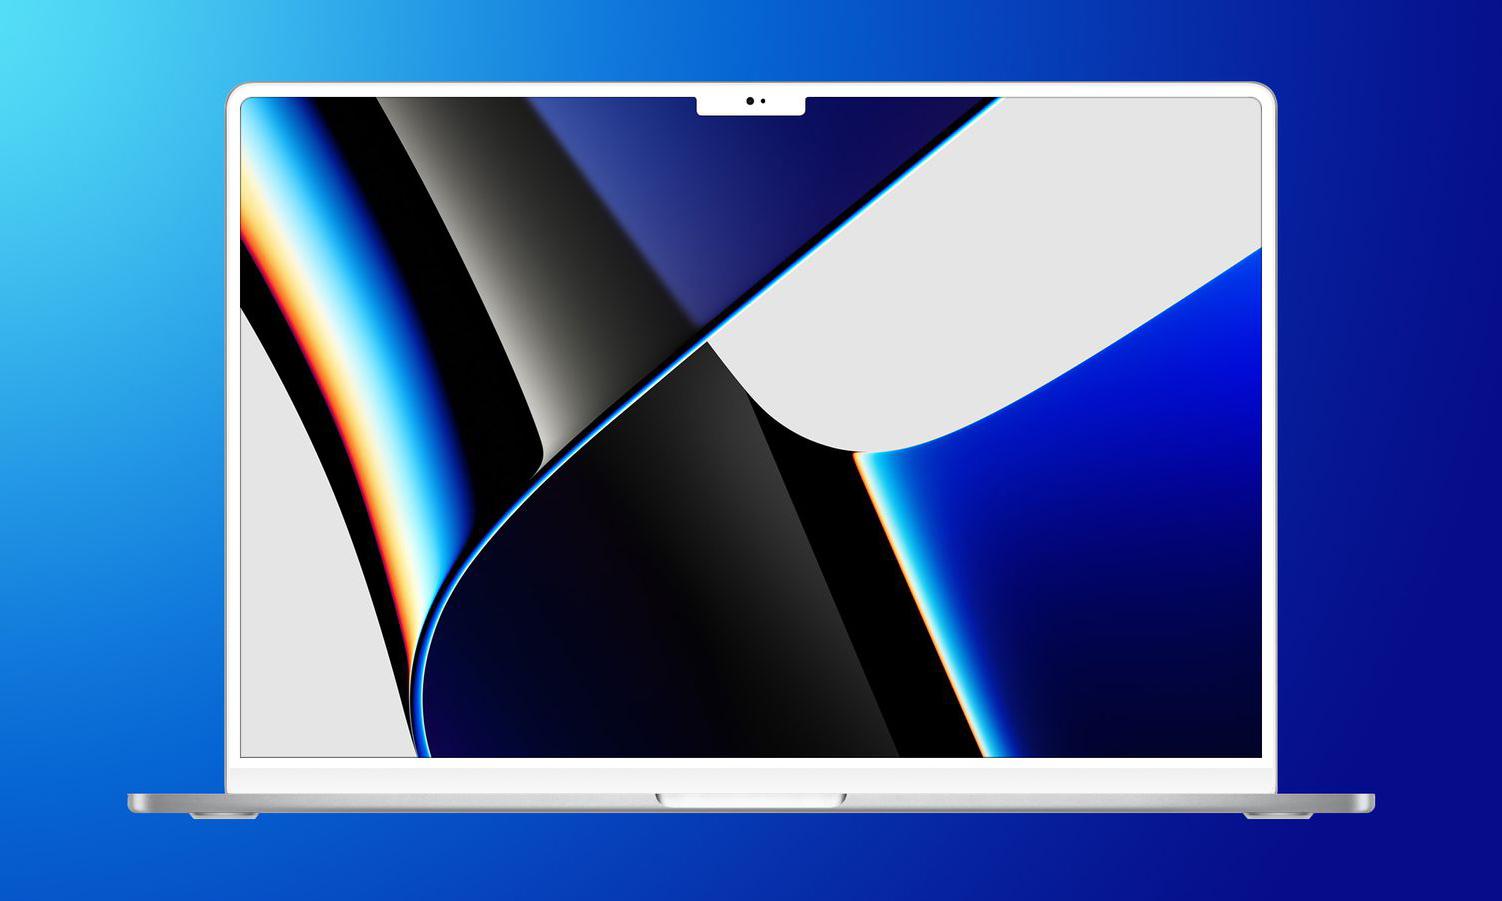 新 MacBook Air 或采用白色机体边框